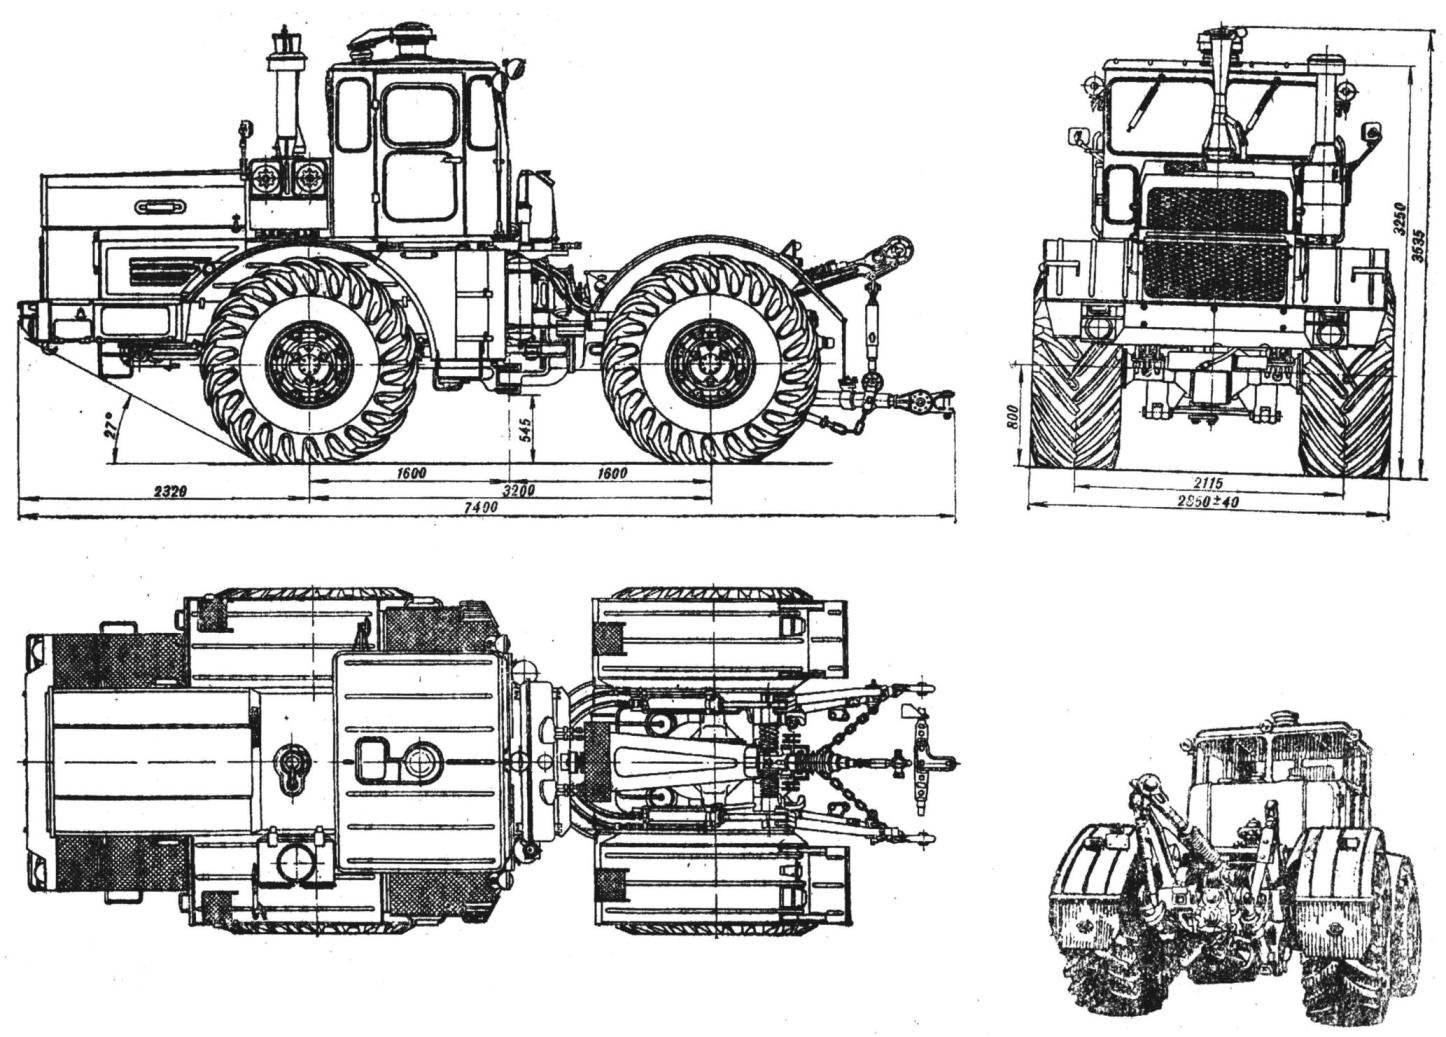 Рис. 1. Сельскохозяйственный колесный трактор общего назначения К-701.